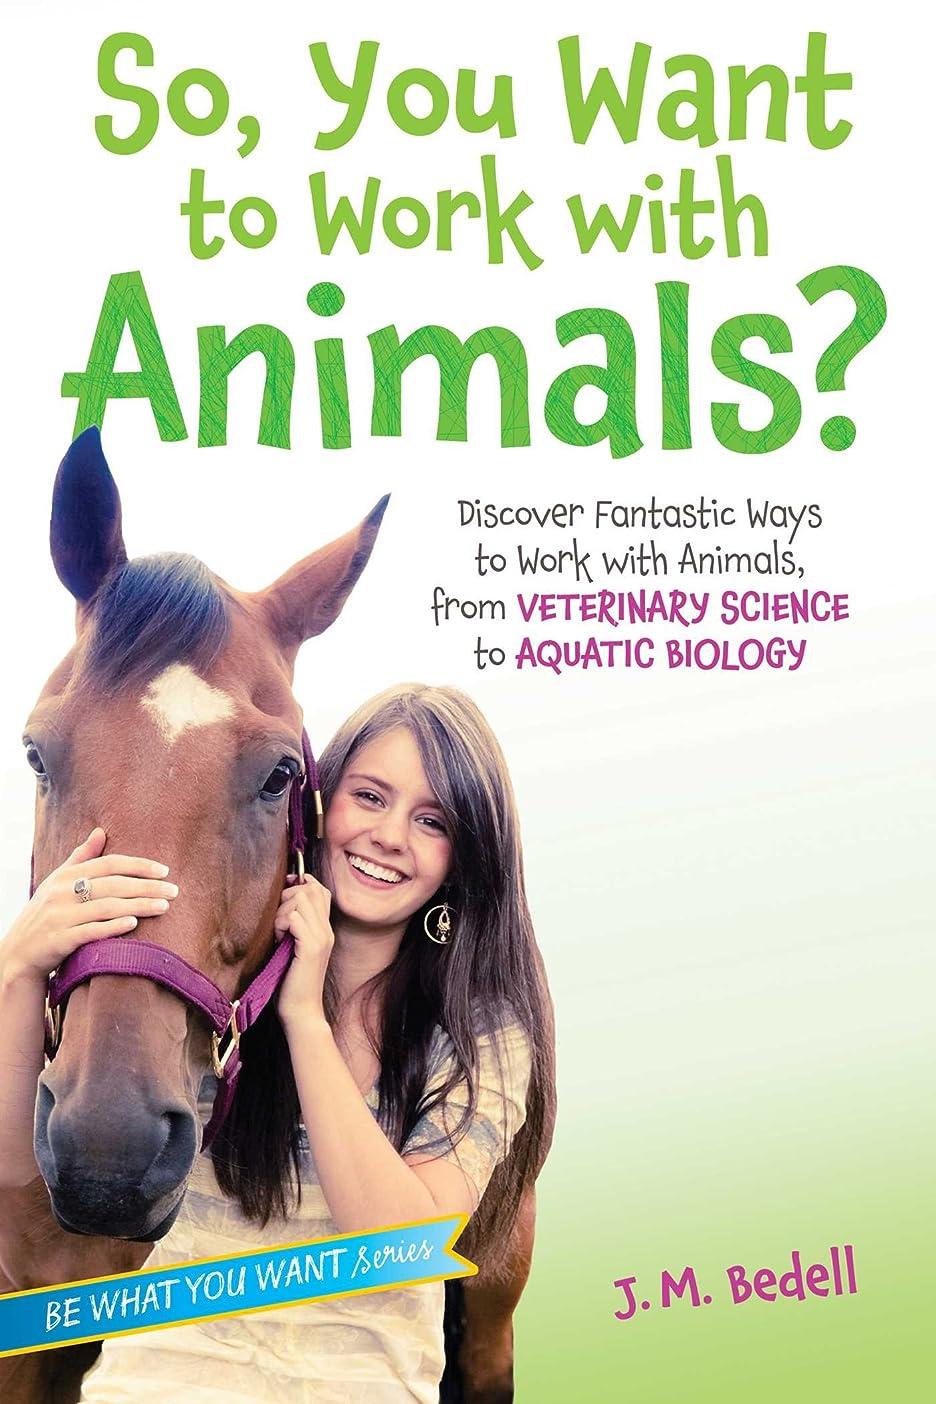 カードルアーおいしいSo, You Want to Work with Animals?: Discover Fantastic Ways to Work with Animals, from Veterinary Science to Aquatic Biology (Be What You Want) (English Edition)